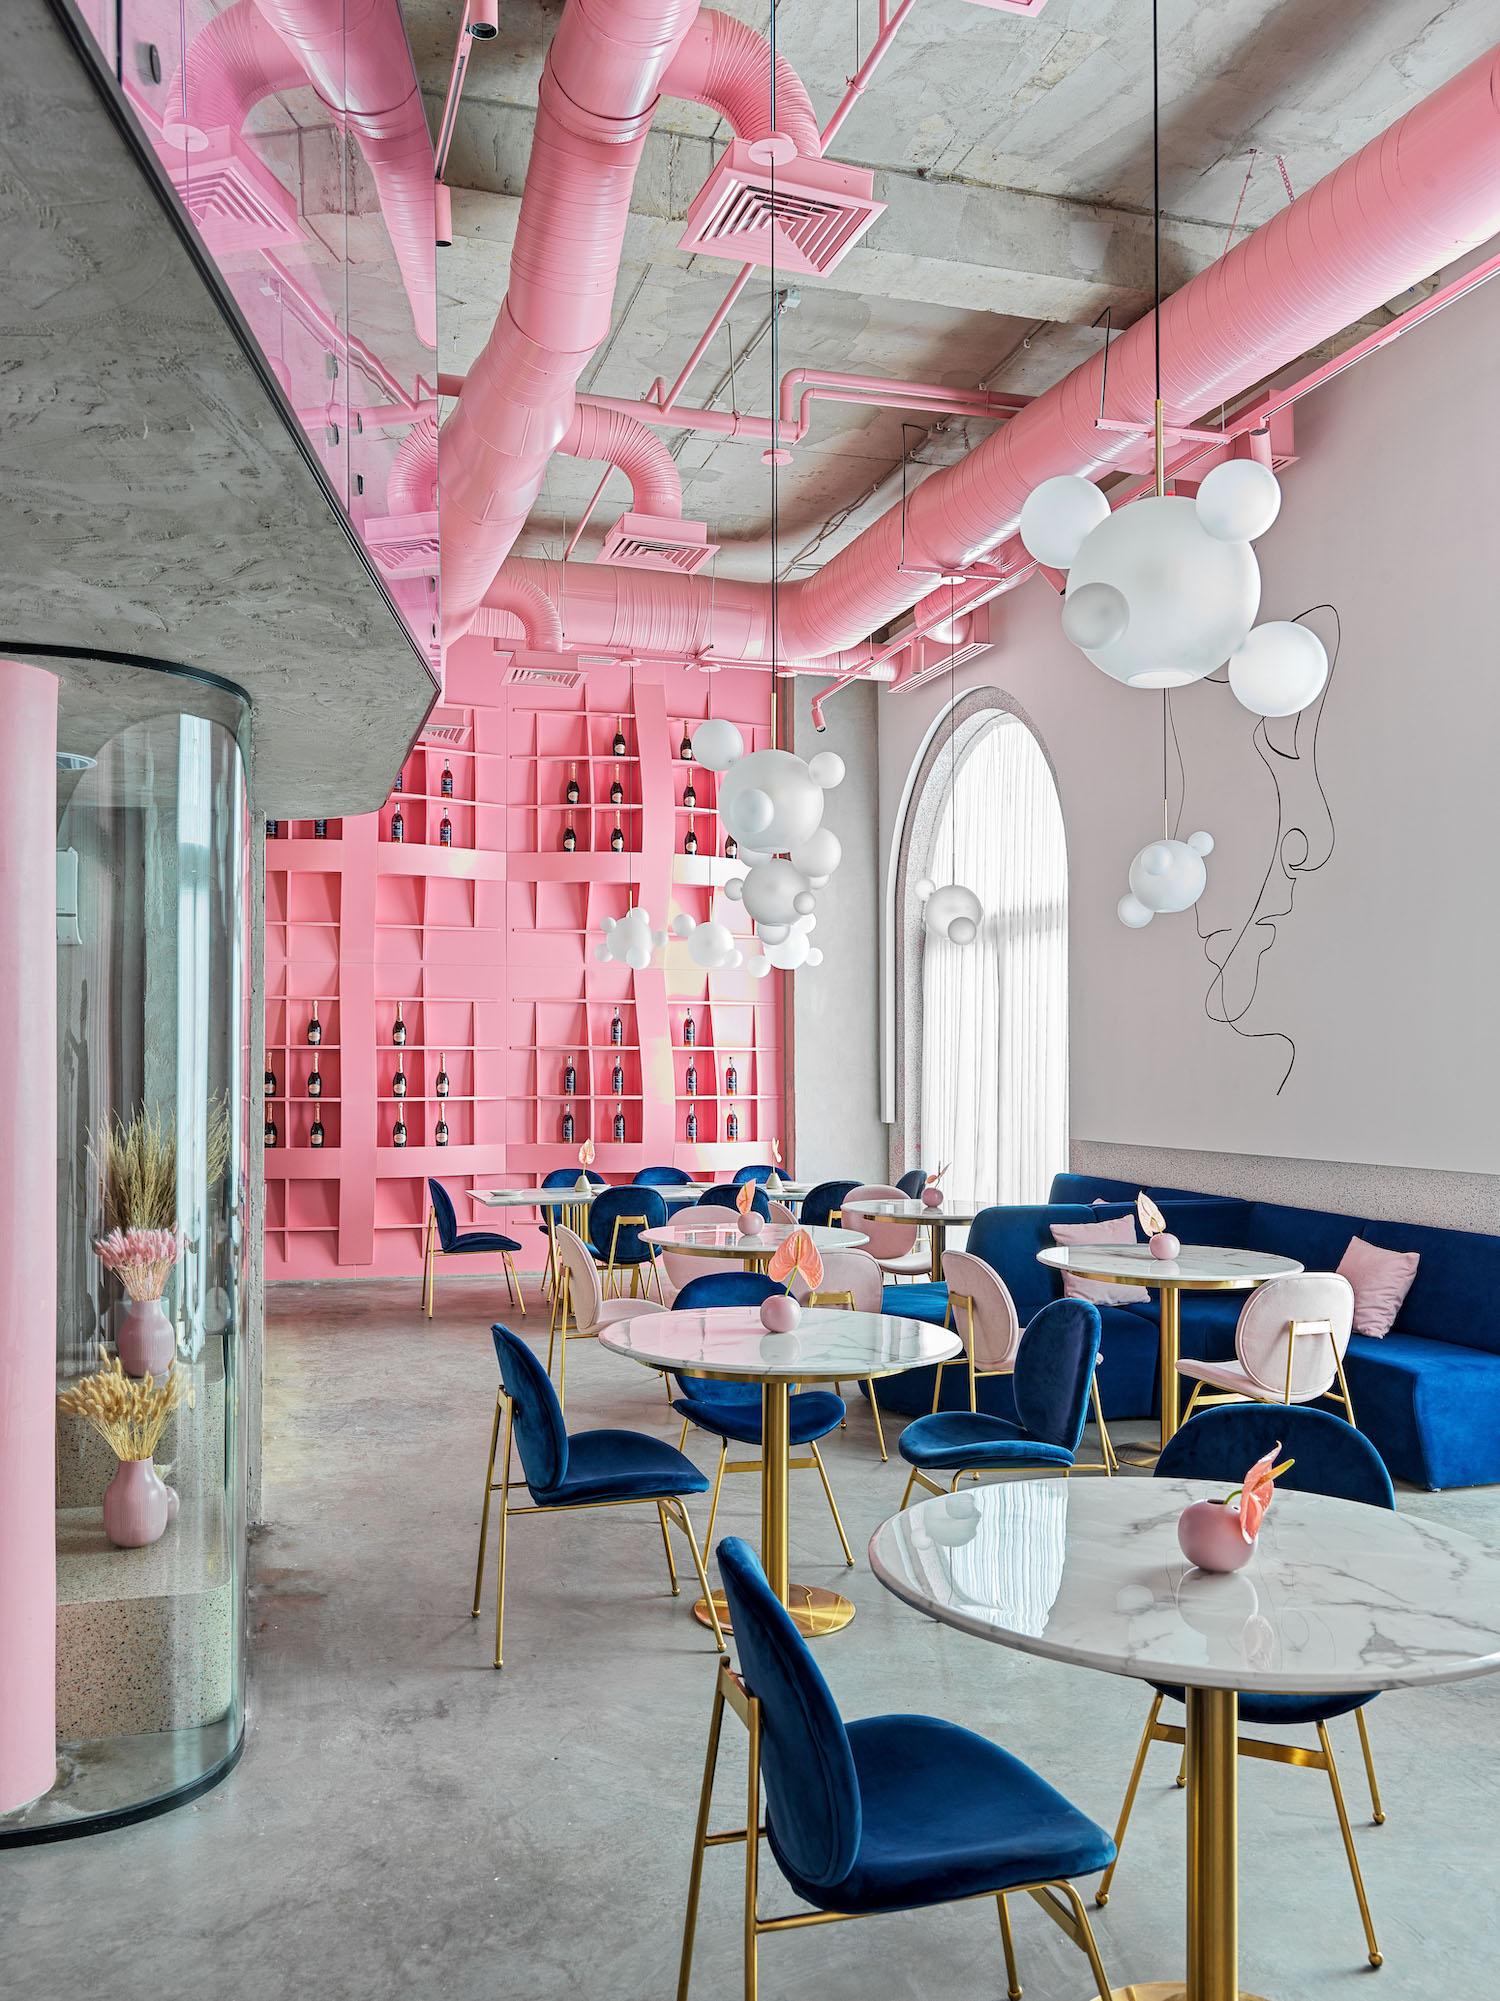 restaurant with oink shelves inside in Almaty Kazakhstan